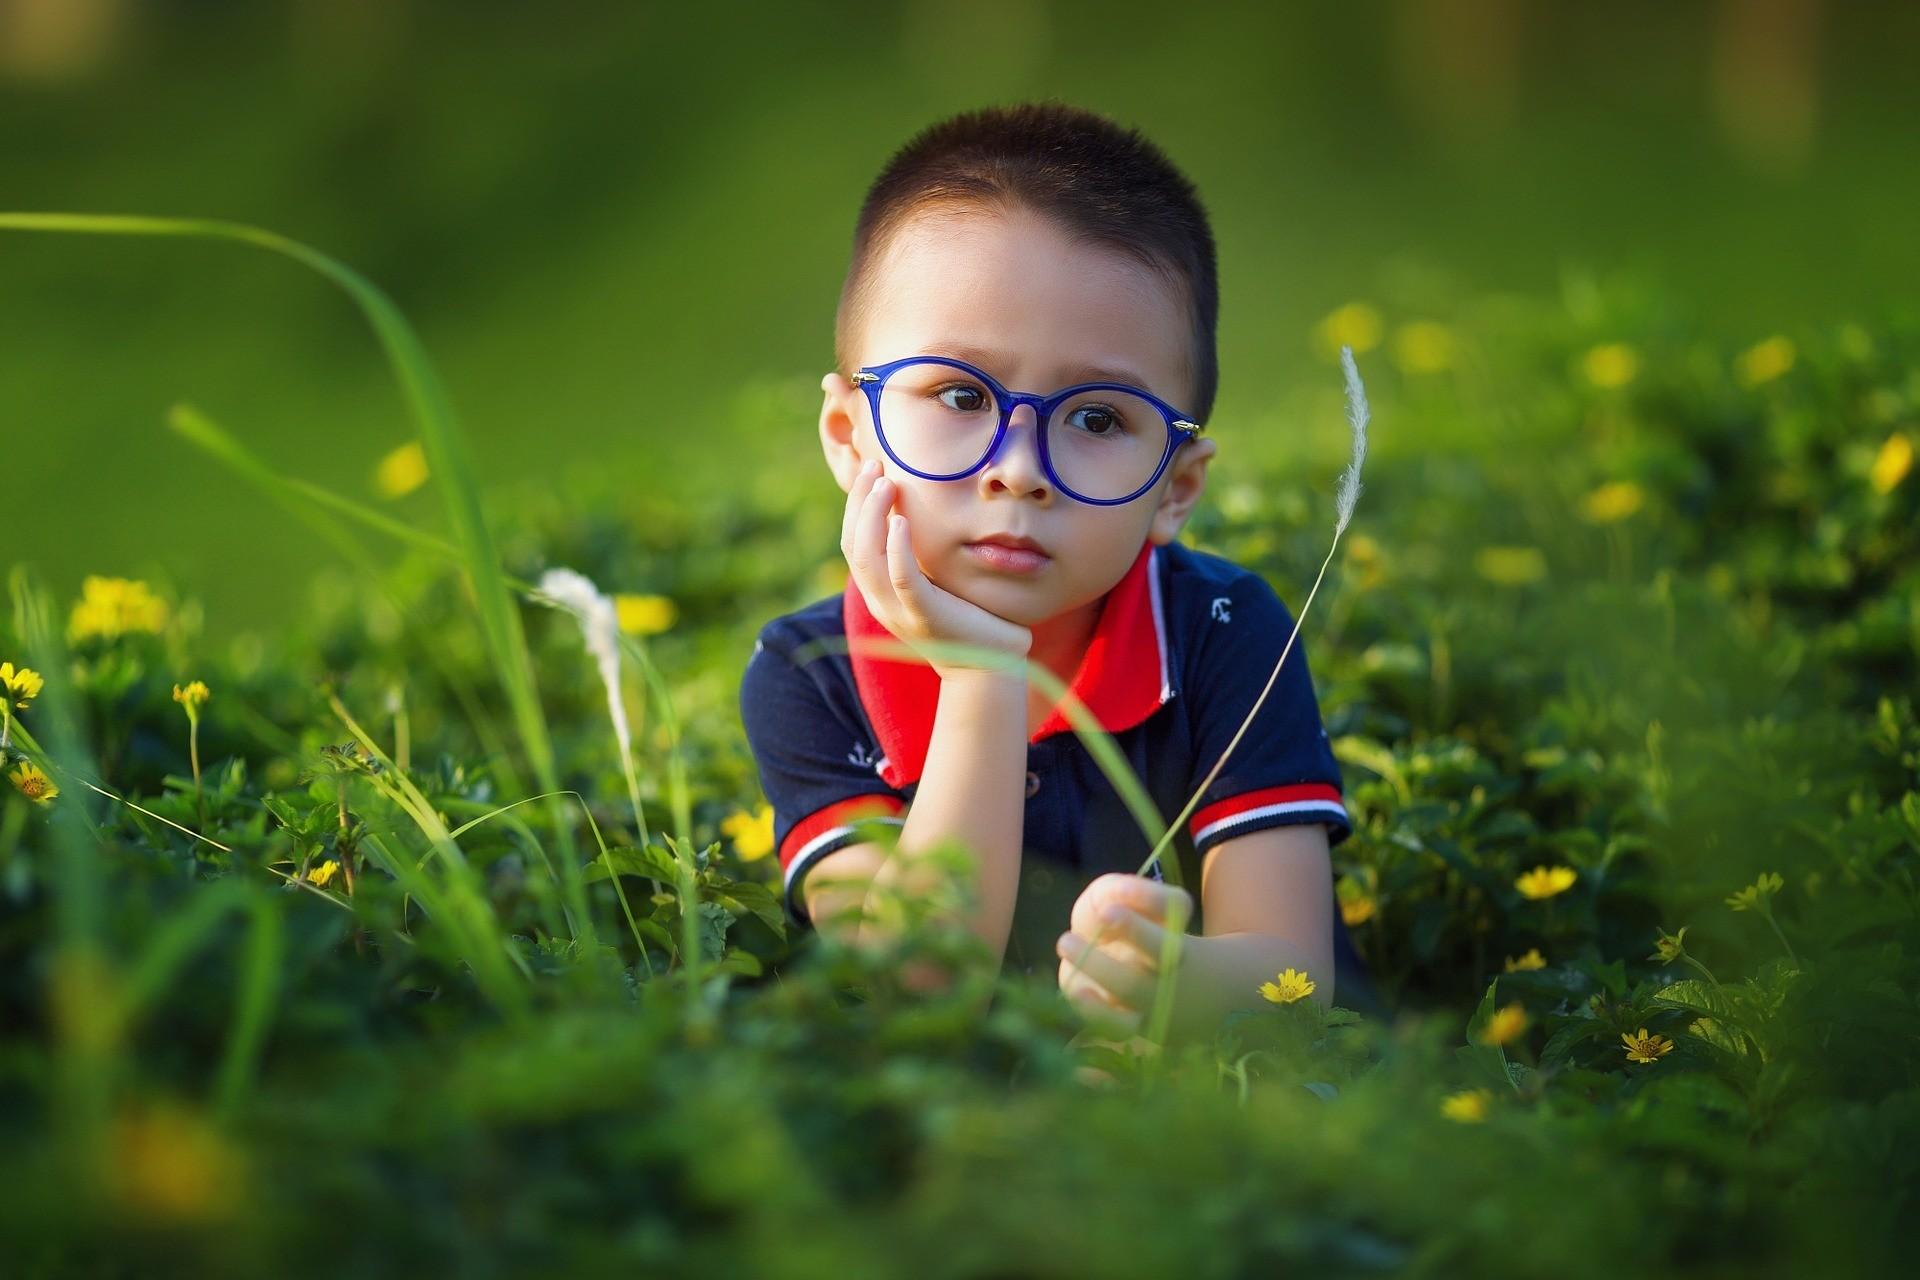 Лучше бы молчал: 5 уморительных историй, как дети впервые заговорили